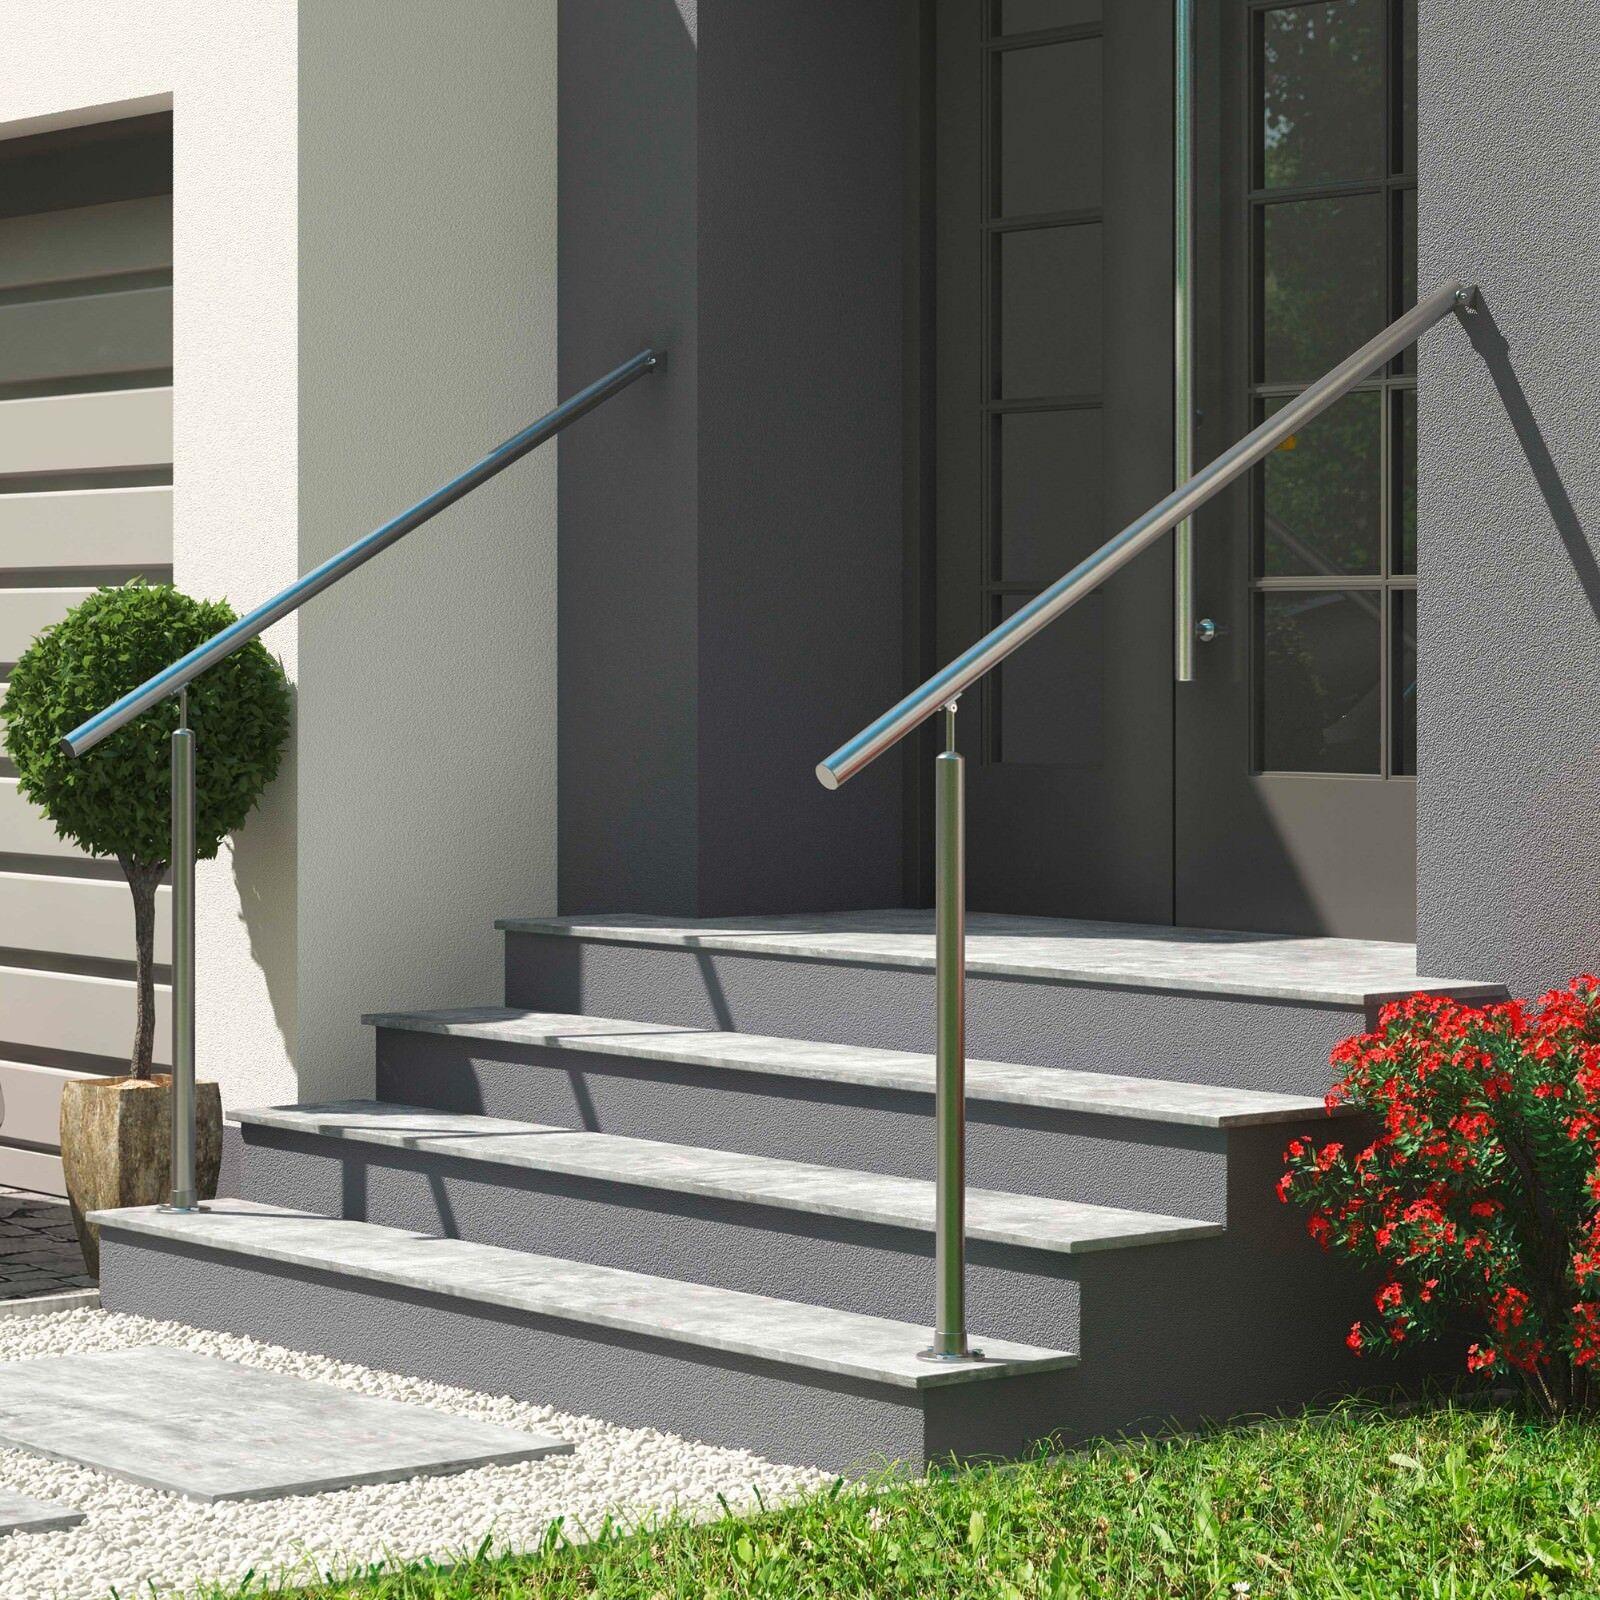 seitliche Montage DOLLE Eingangsgel/änder L/änge 1,5 m; H/öhe 1 m Gel/änder Edelstahl Hauseingang 1 Pfosten /& Wandanschluss